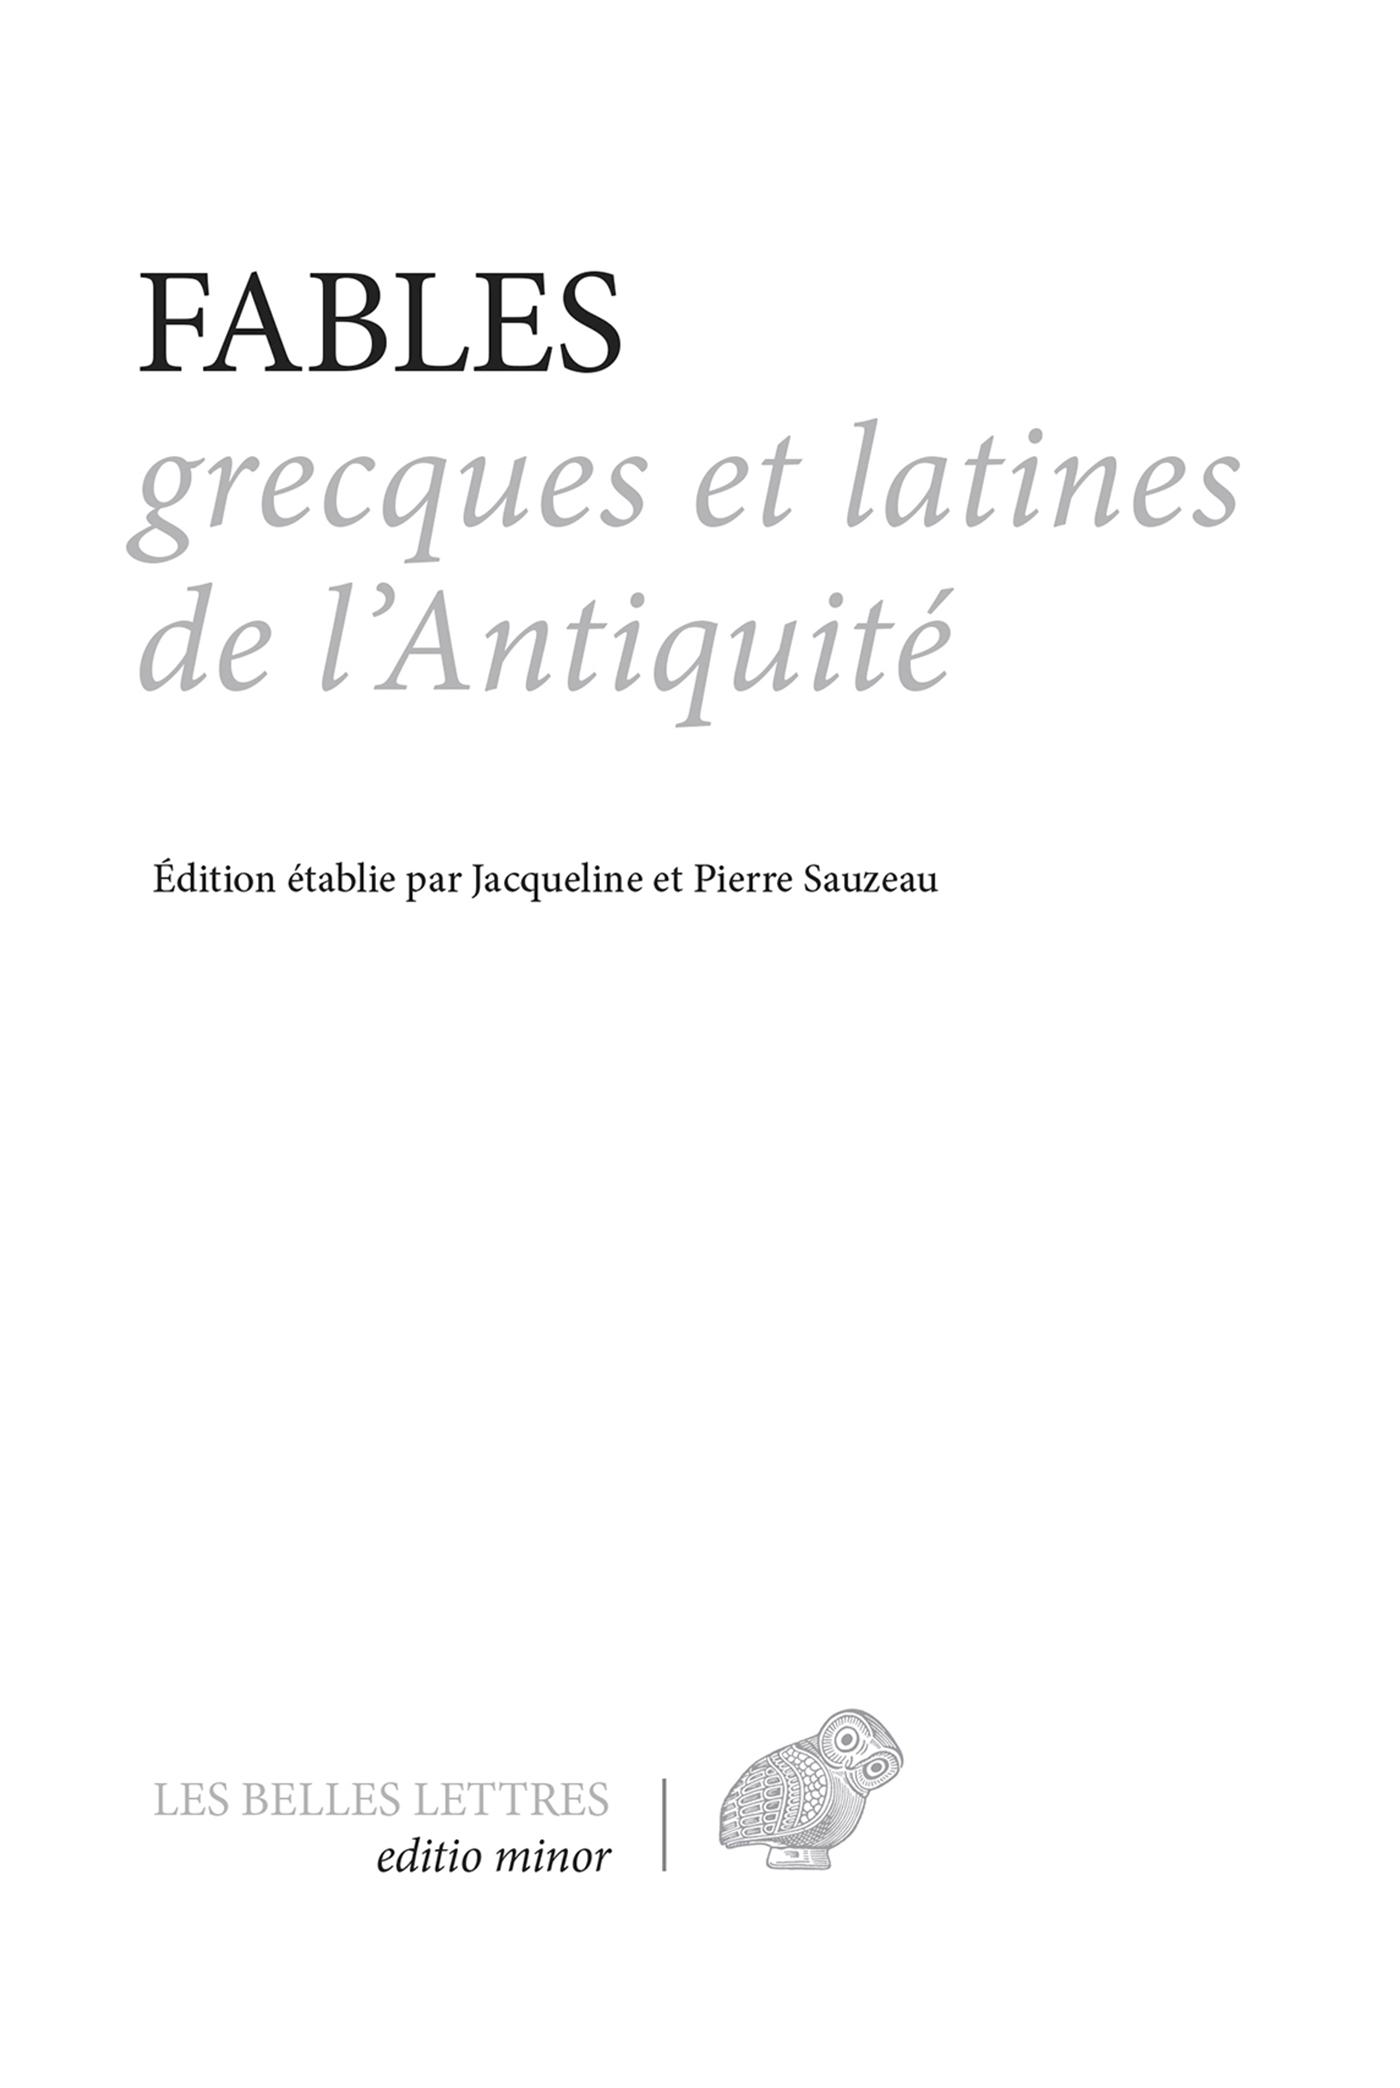 Fables grecques et latines ...